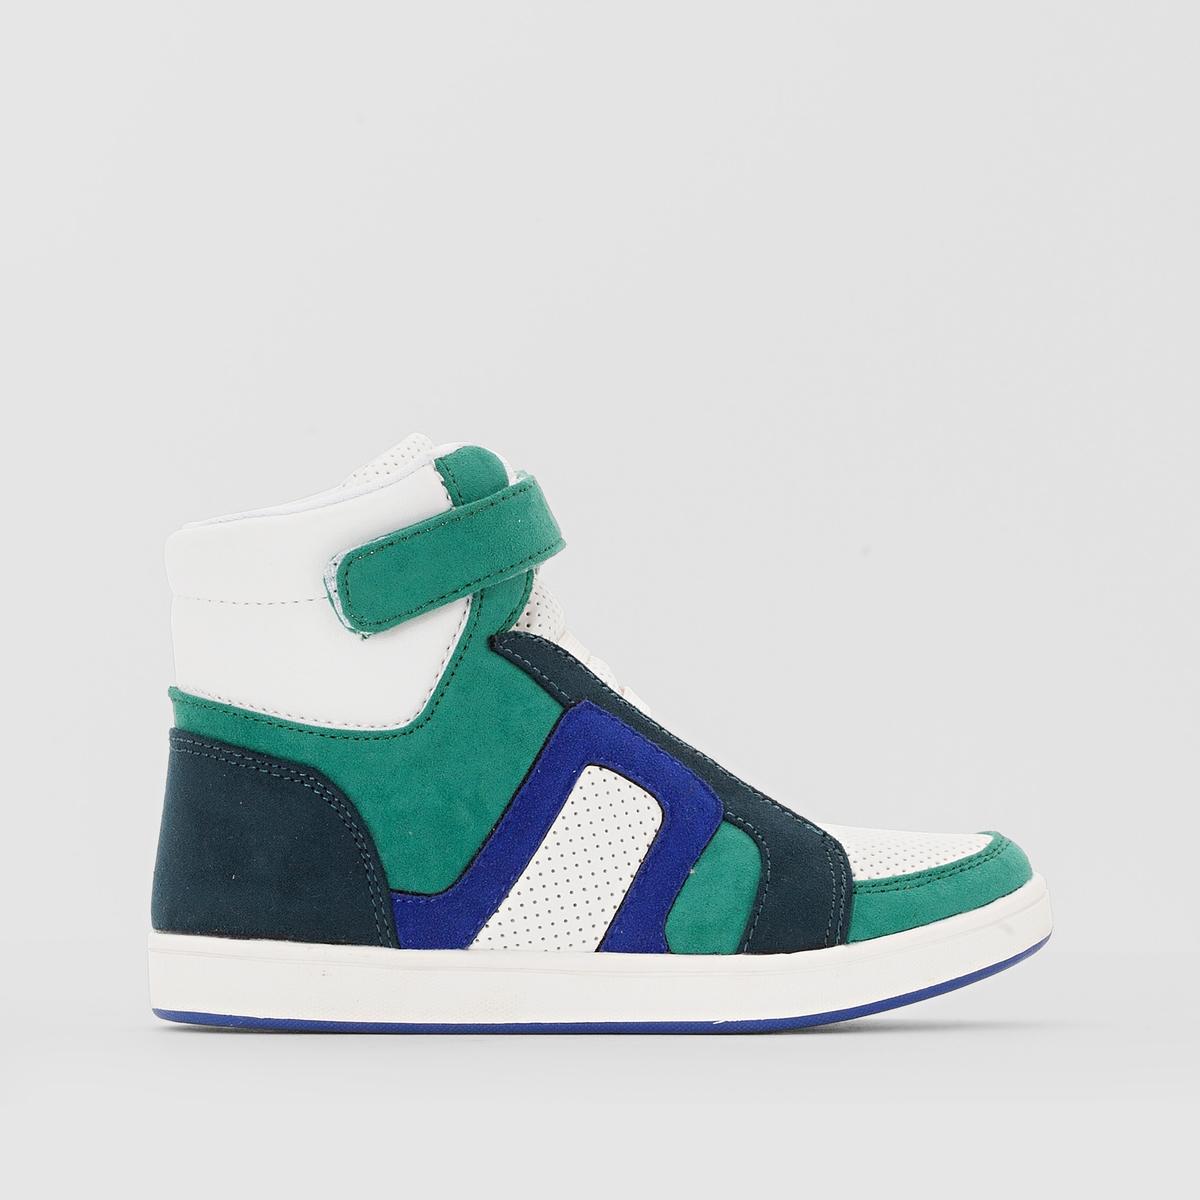 Кеды высокие на эластичной шнуровкеВерх : синтетика           Подкладка : текстиль           Стелька : текстиль           Подошва : эластомер           Застежка : эластичная шнуровка<br><br>Цвет: белый + синий + зеленый<br>Размер: 39.37.34.33.32